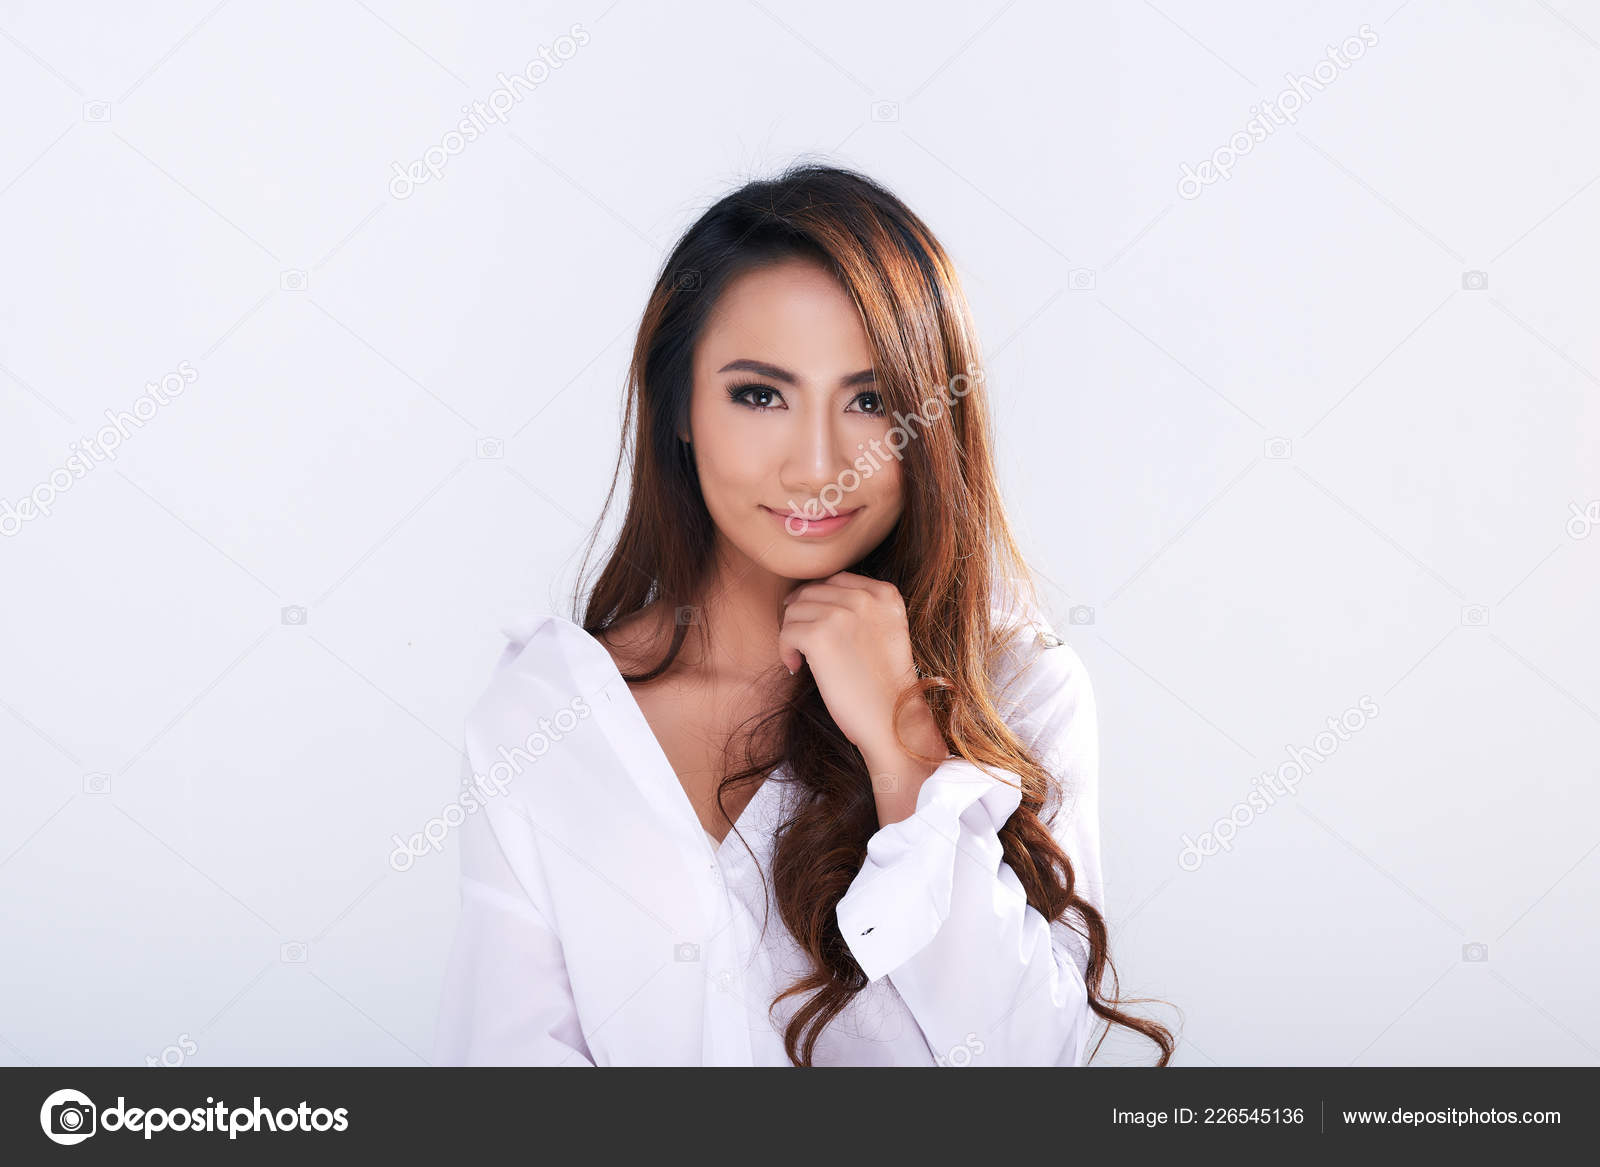 30 Jahre alte Frau im Alter von 20 Jahren